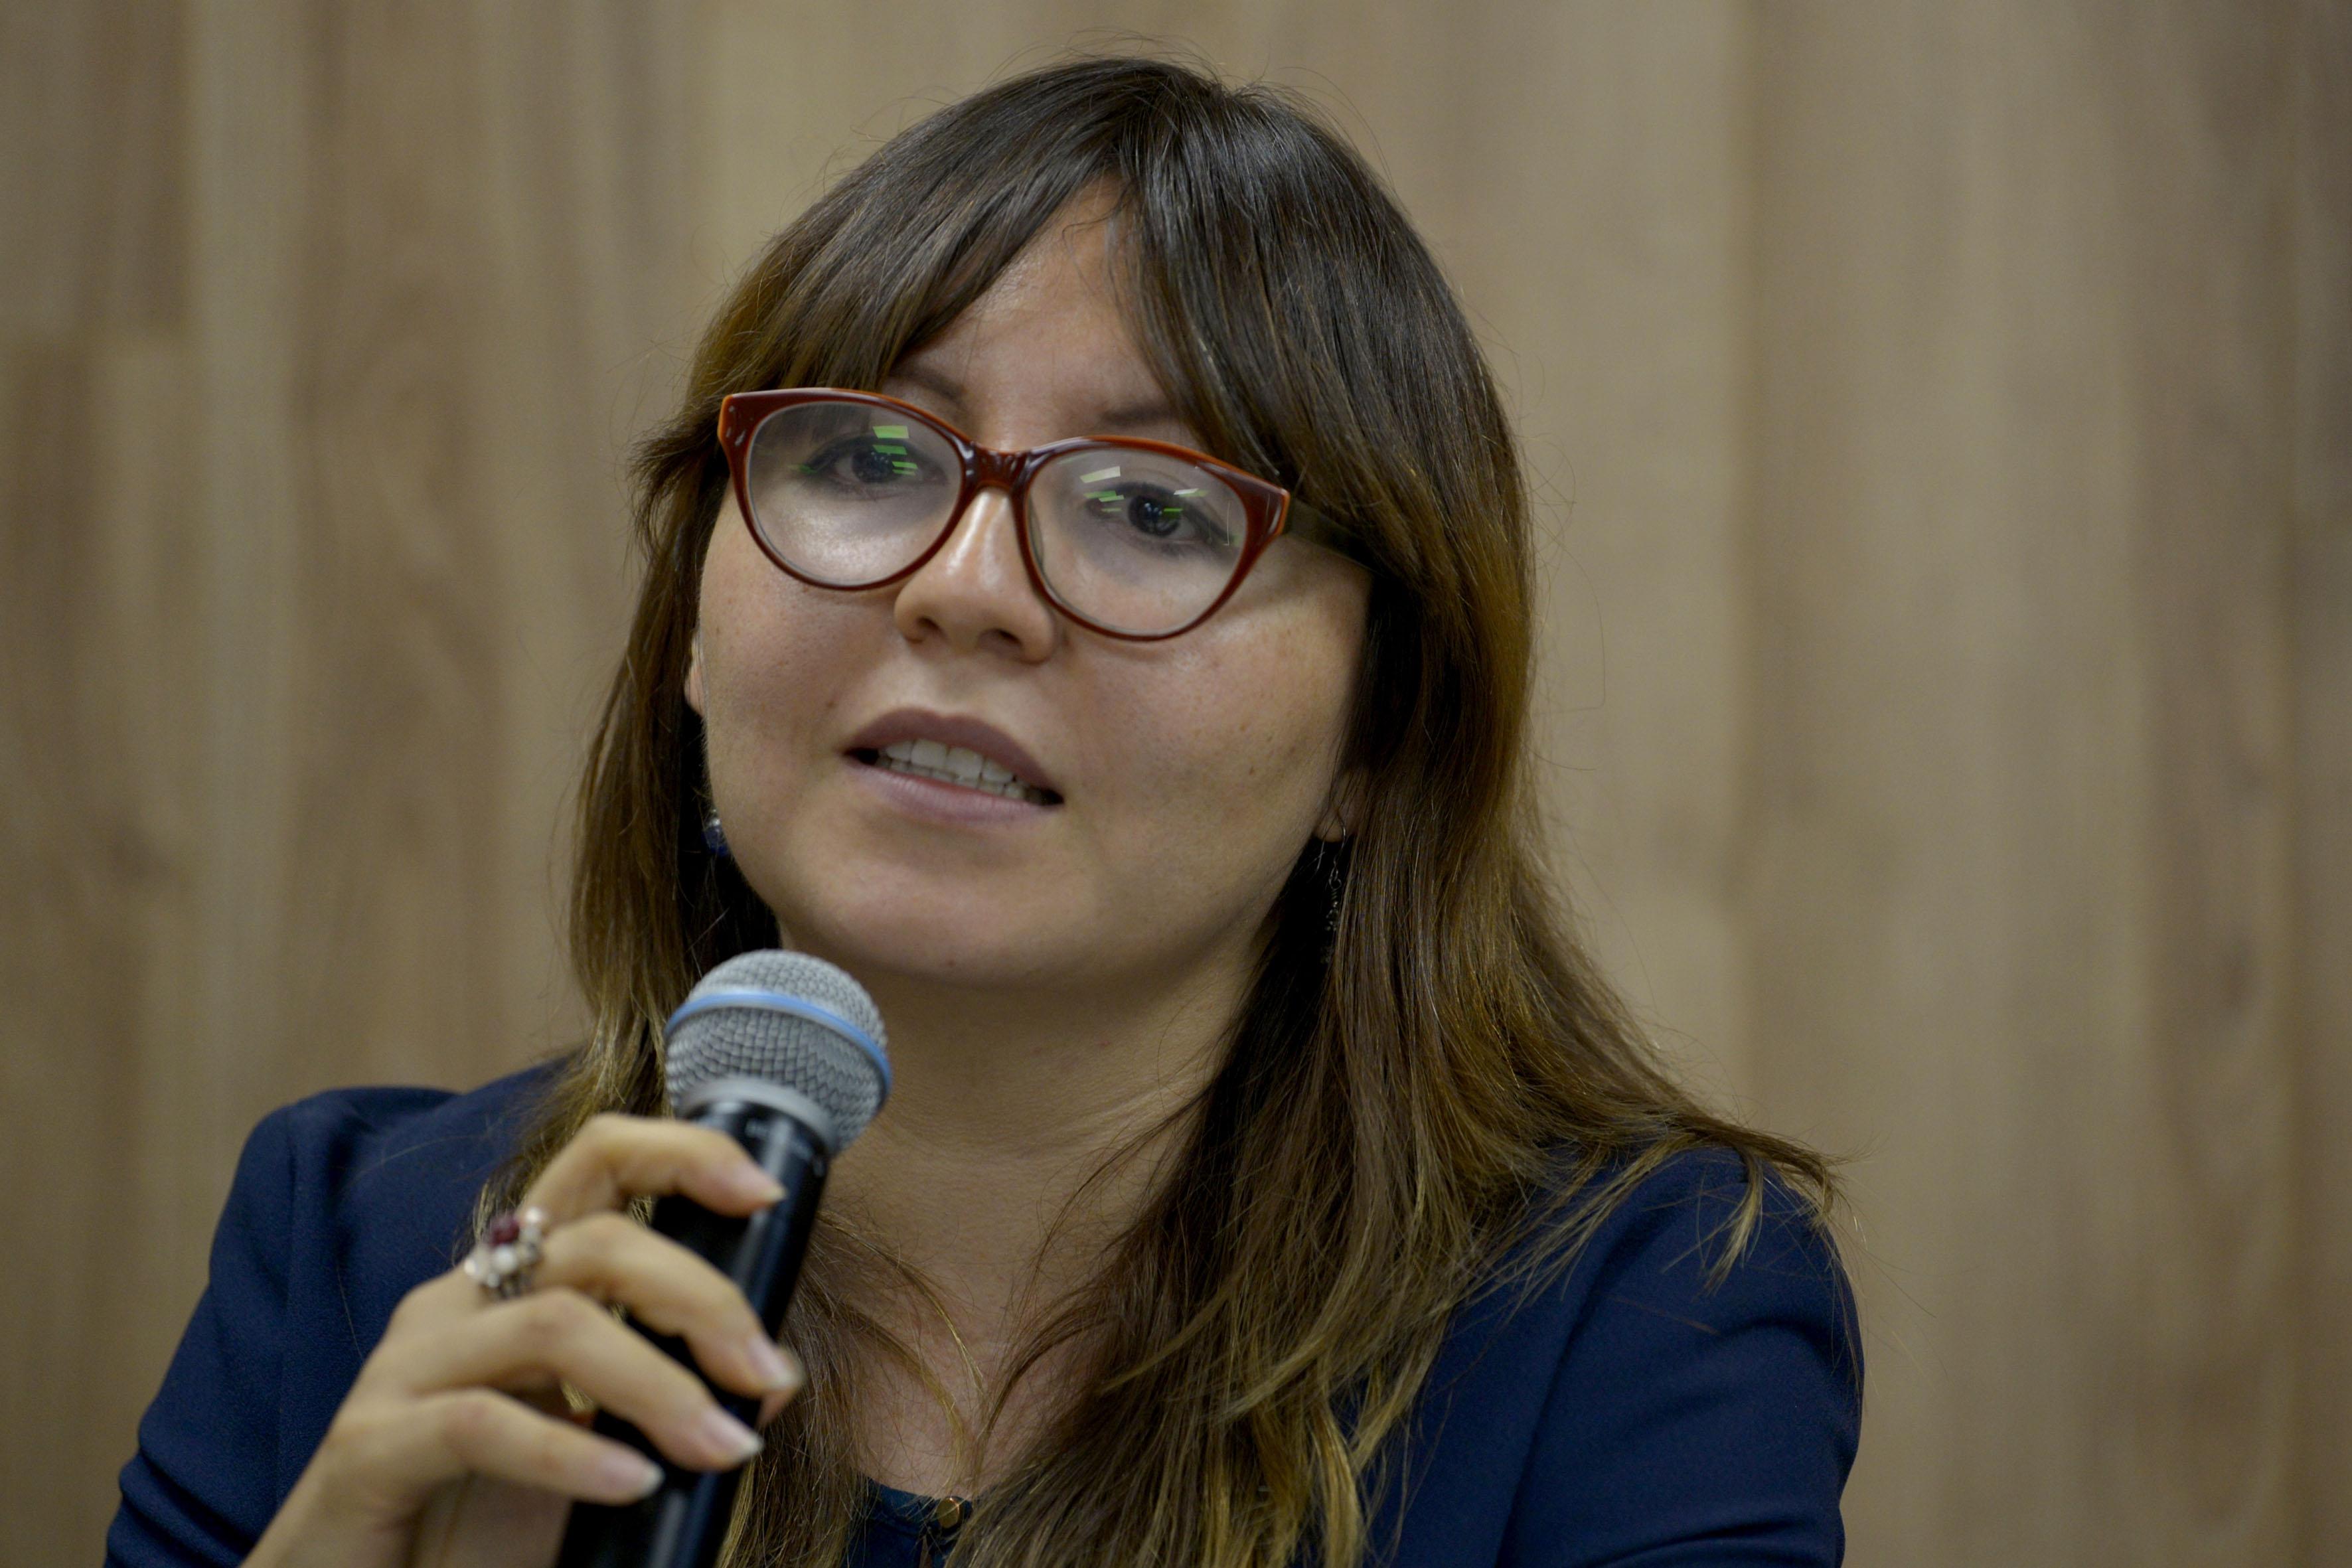 Doctora Mónica Montaño Reyes, investigadora del Departamento de Estudios Políticos del CUCSH, haciendo uso de la palabra.